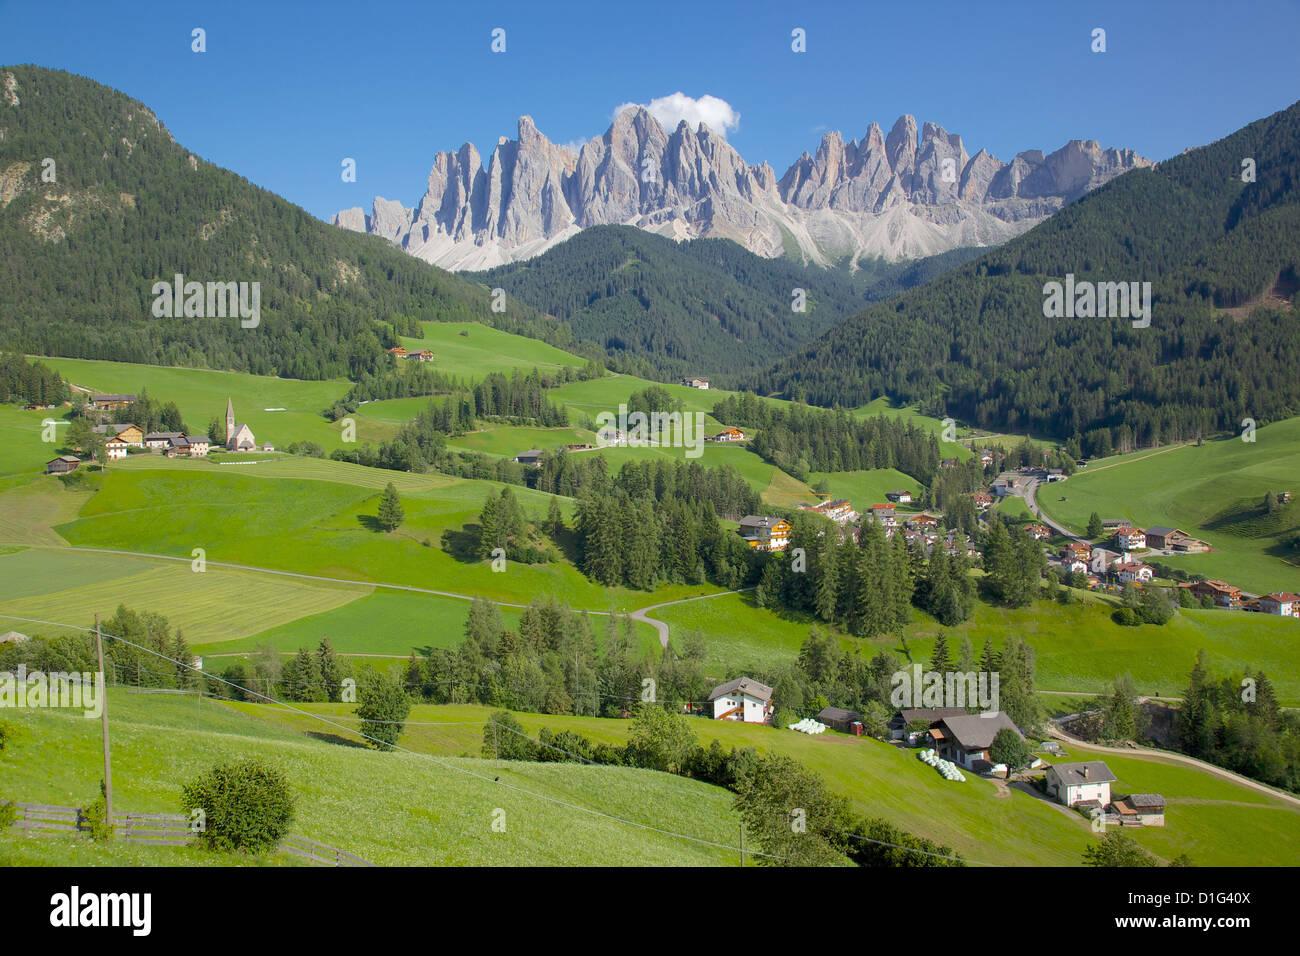 Val di Funes, Bolzano Province, Trentino-Alto Adige/South Tyrol, Italian Dolomites, Italy, Europe Stock Photo